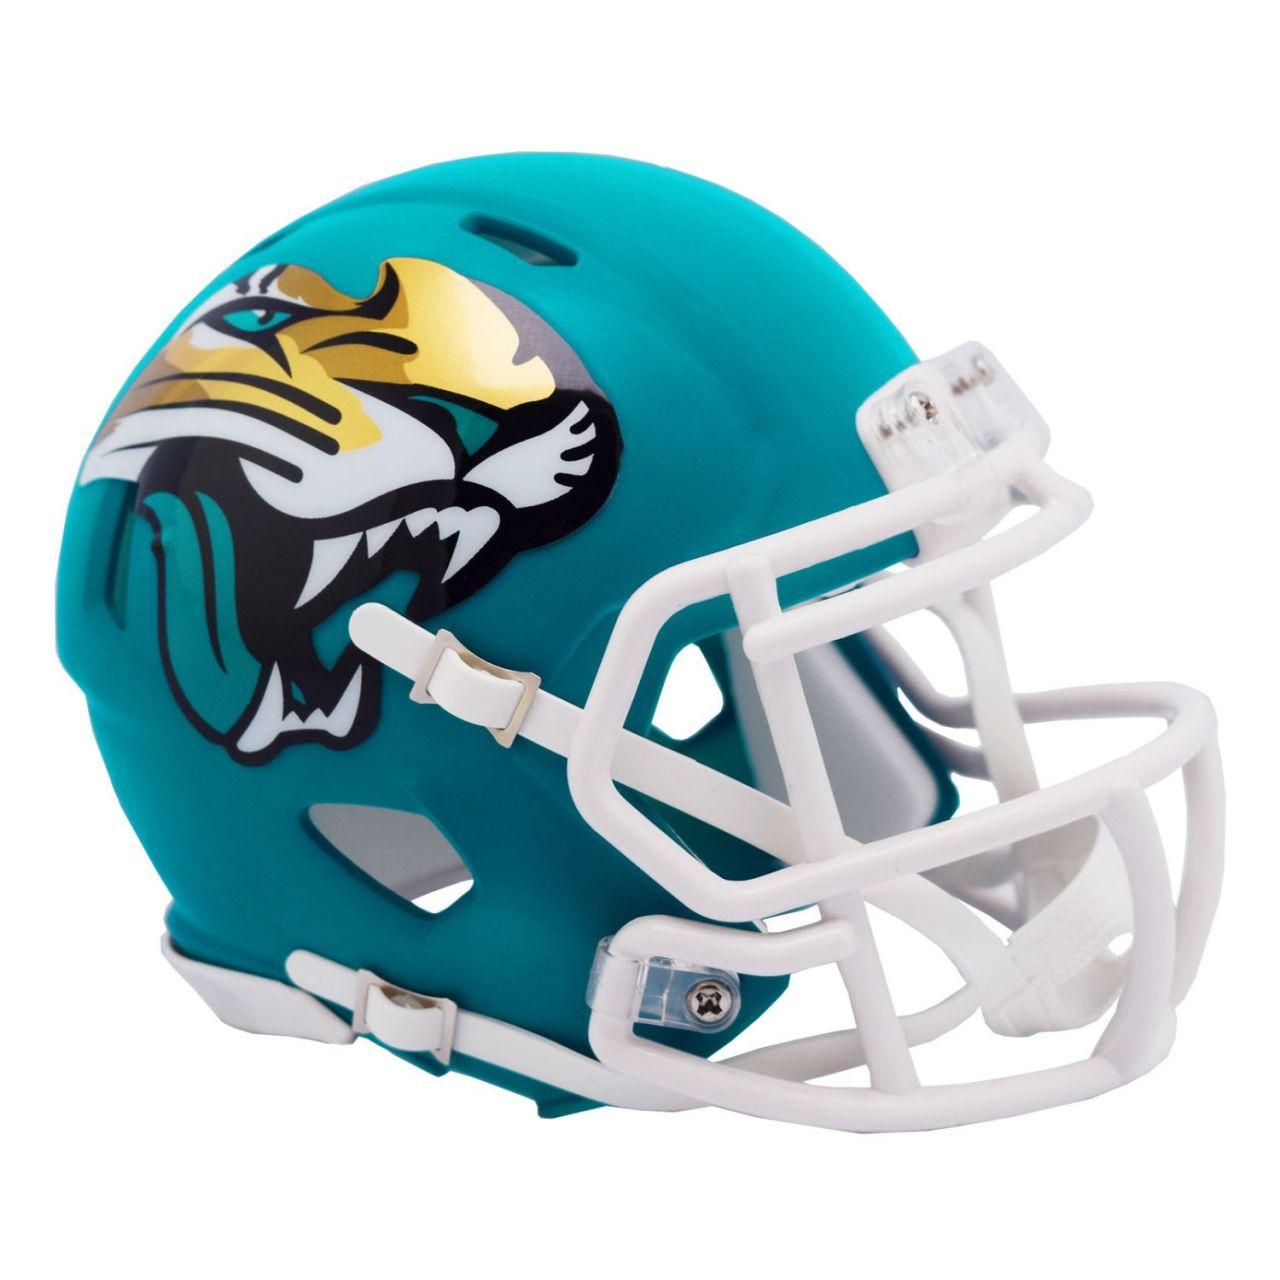 amfoo - Riddell Speed Mini Football Helm - AMP Jacksonville Jaguars